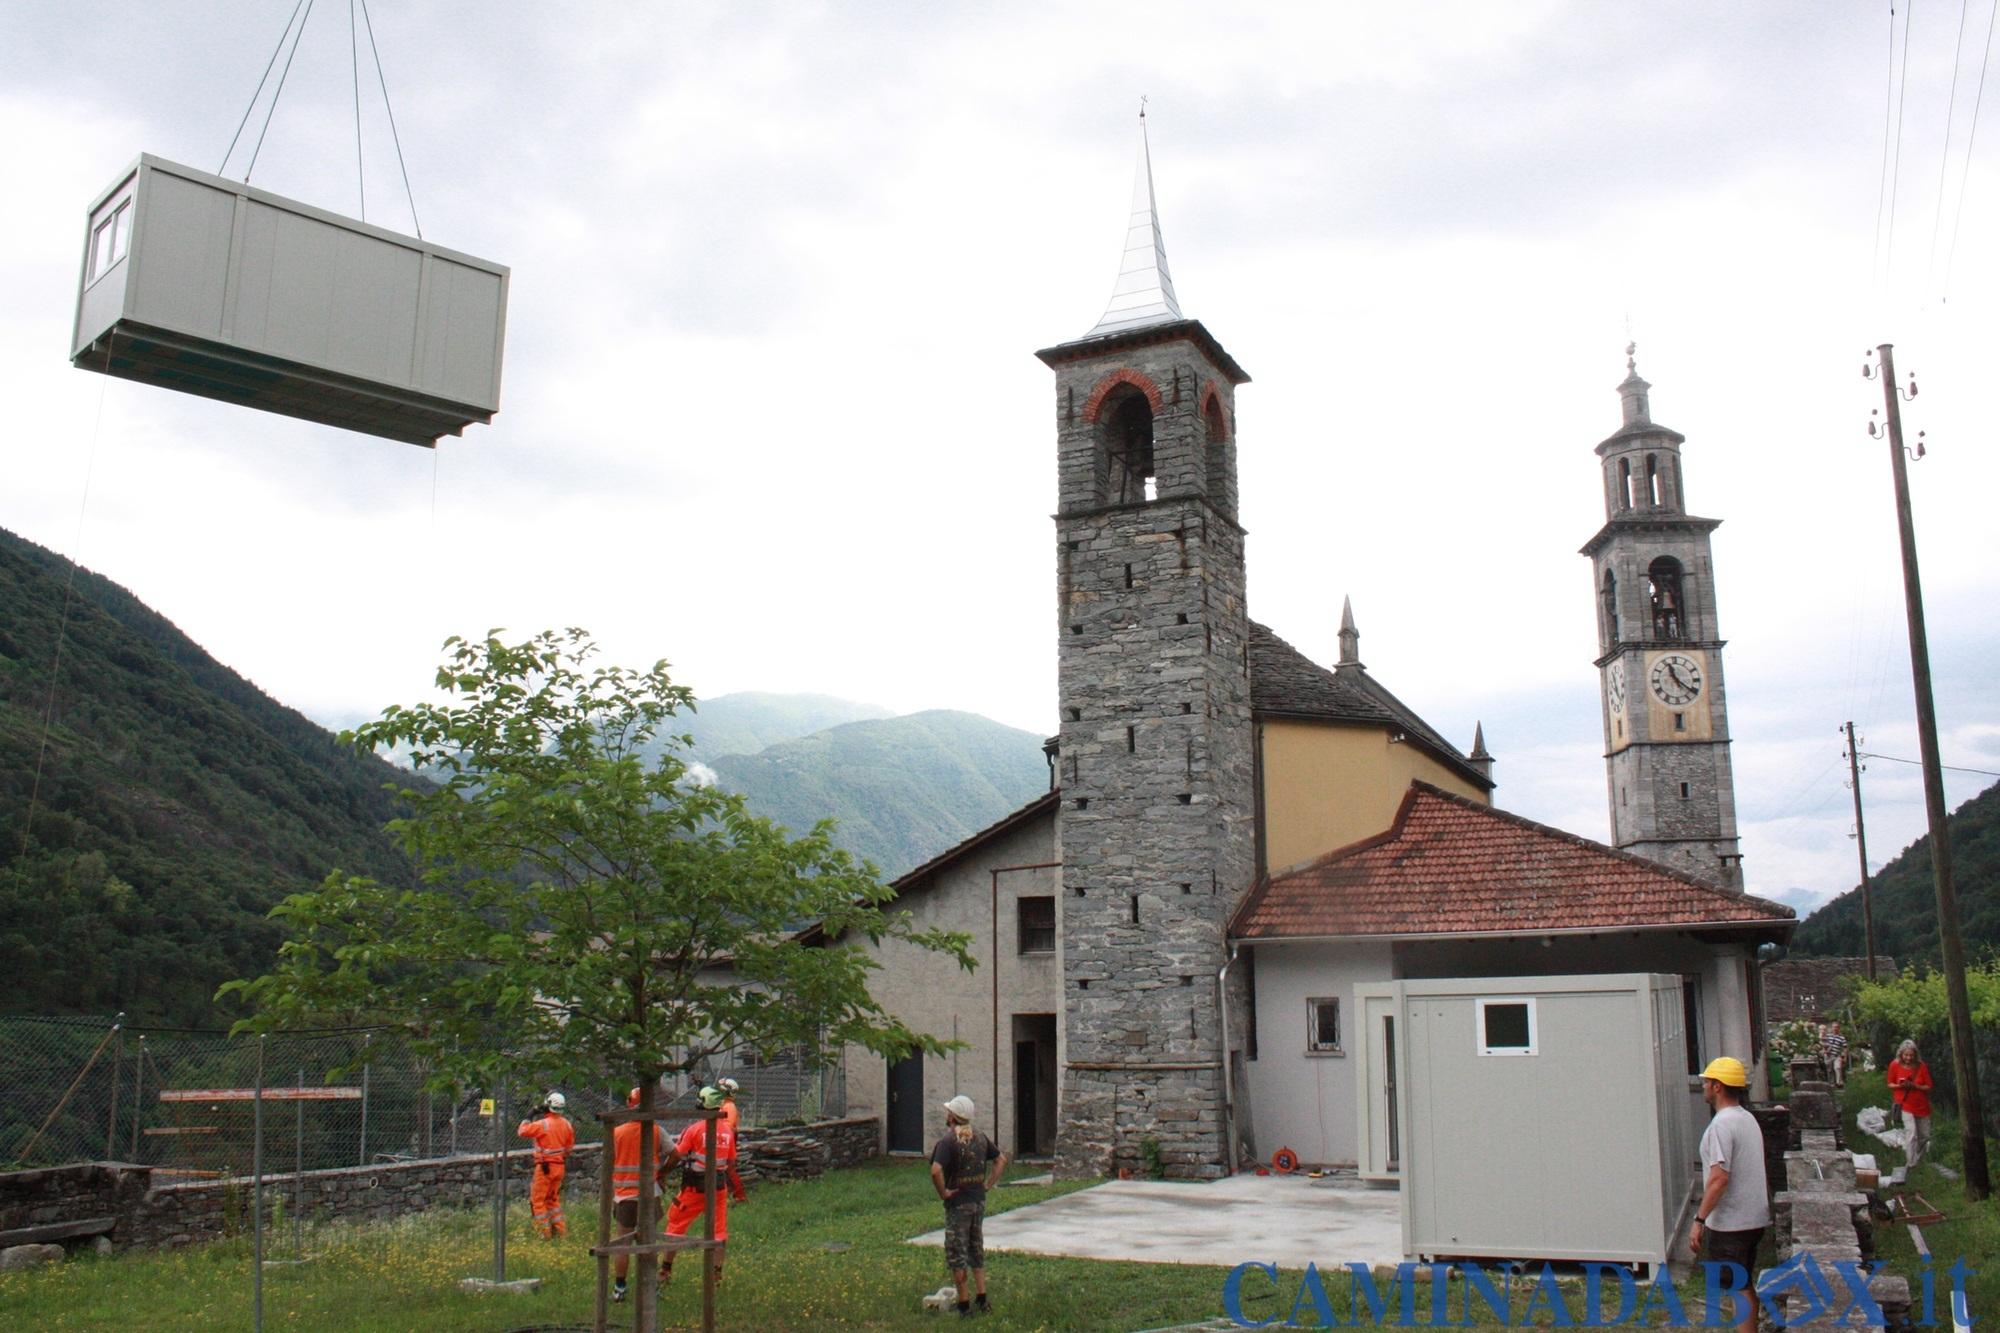 Consegnamo i box in tutta Italia